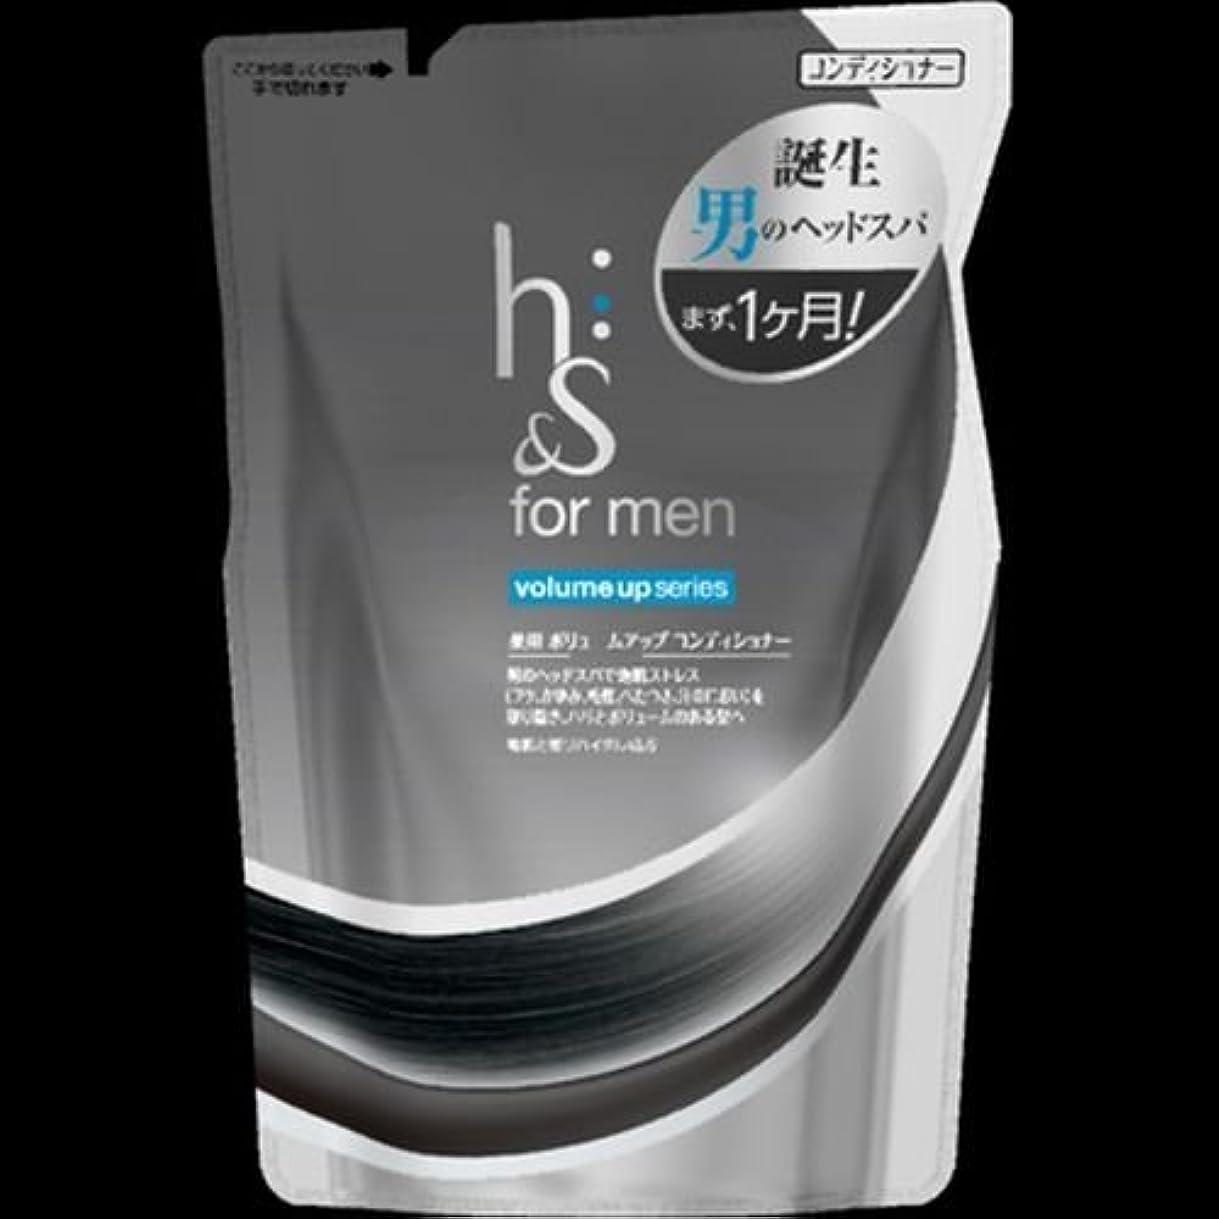 お金ゴムヒューズそれら【まとめ買い】h&s for men ボリュームアップコンディショナー つめかえ 340g ×2セット